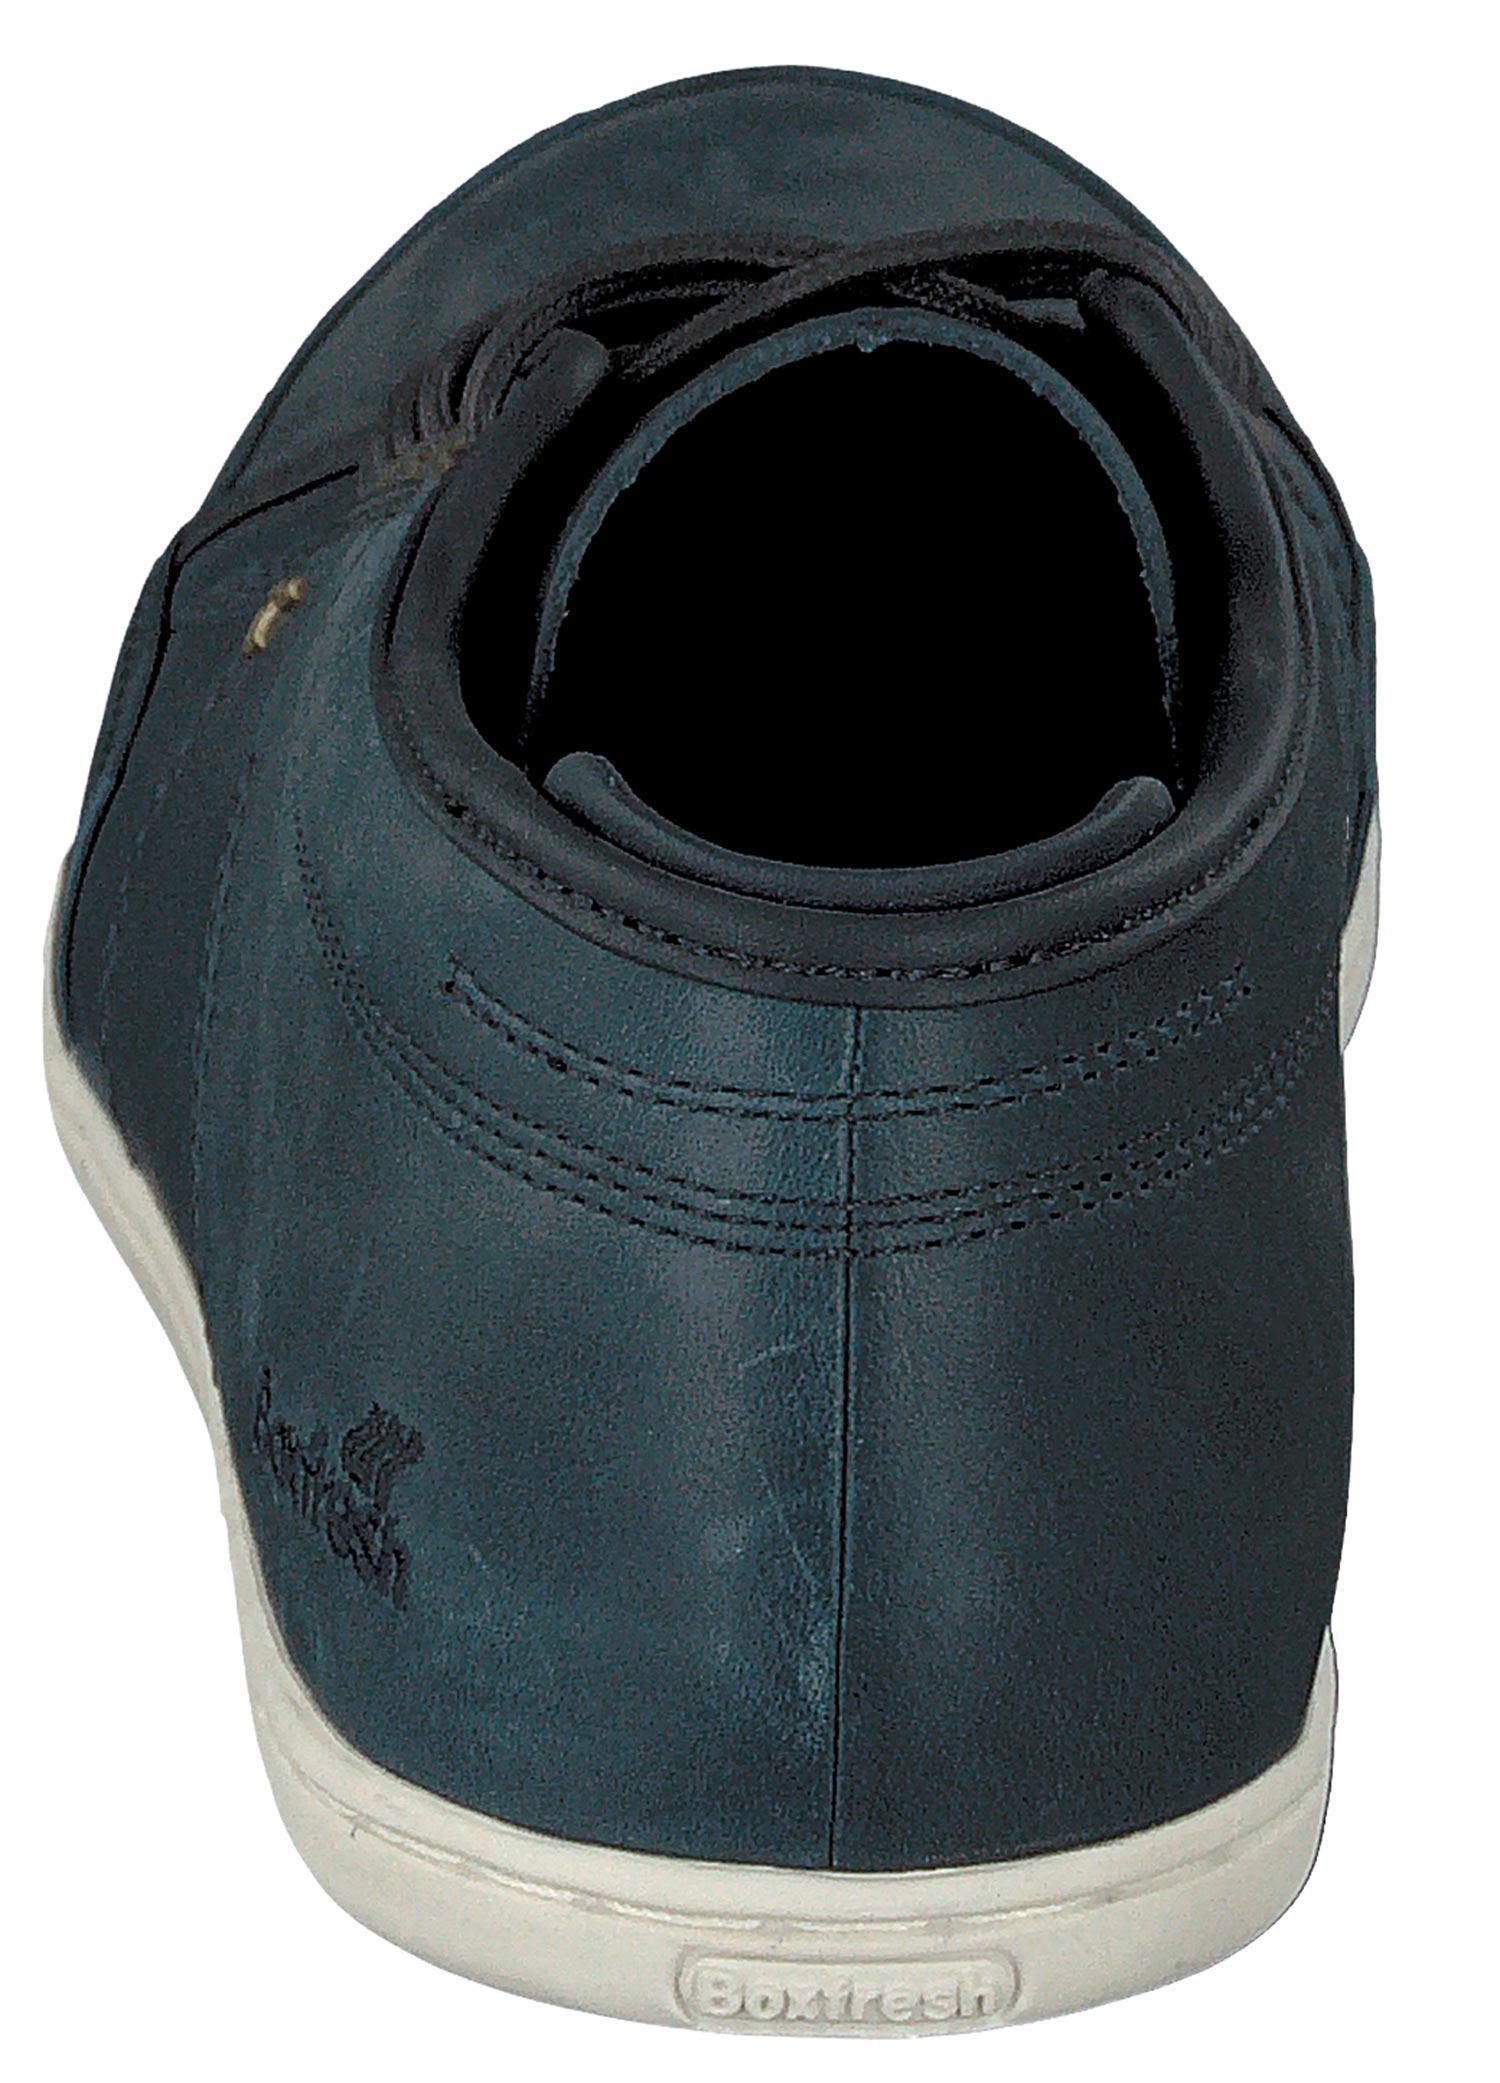 Homme Sport e14855 Boxfresh Chaussures E14730 De Guso Baskets Pour Loisirs wqtUFY